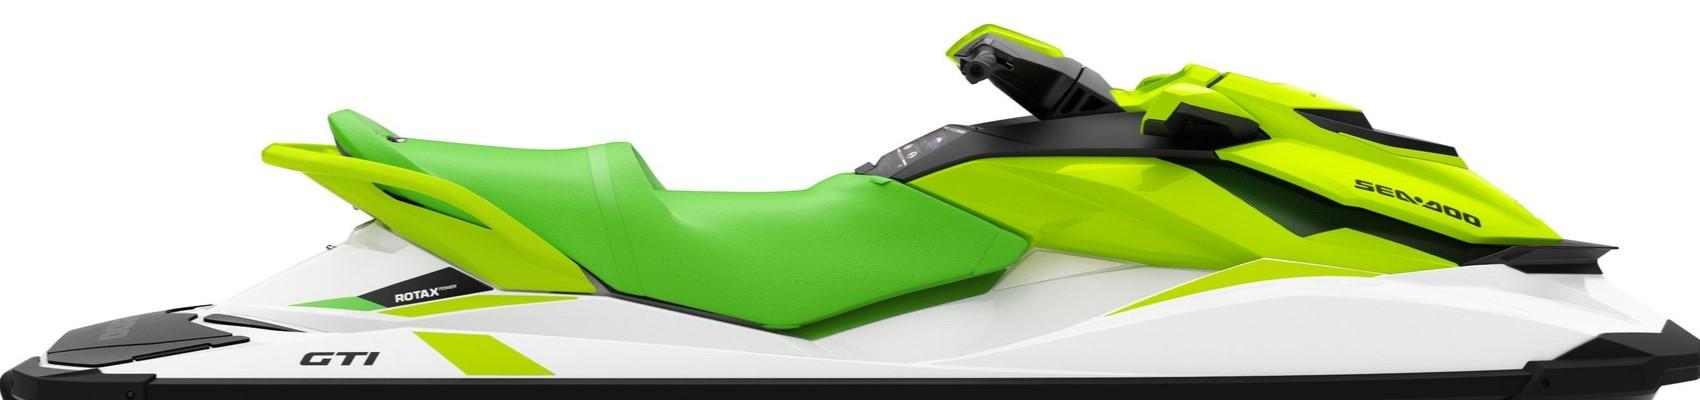 GTI 130 Pro Personal Watercraft